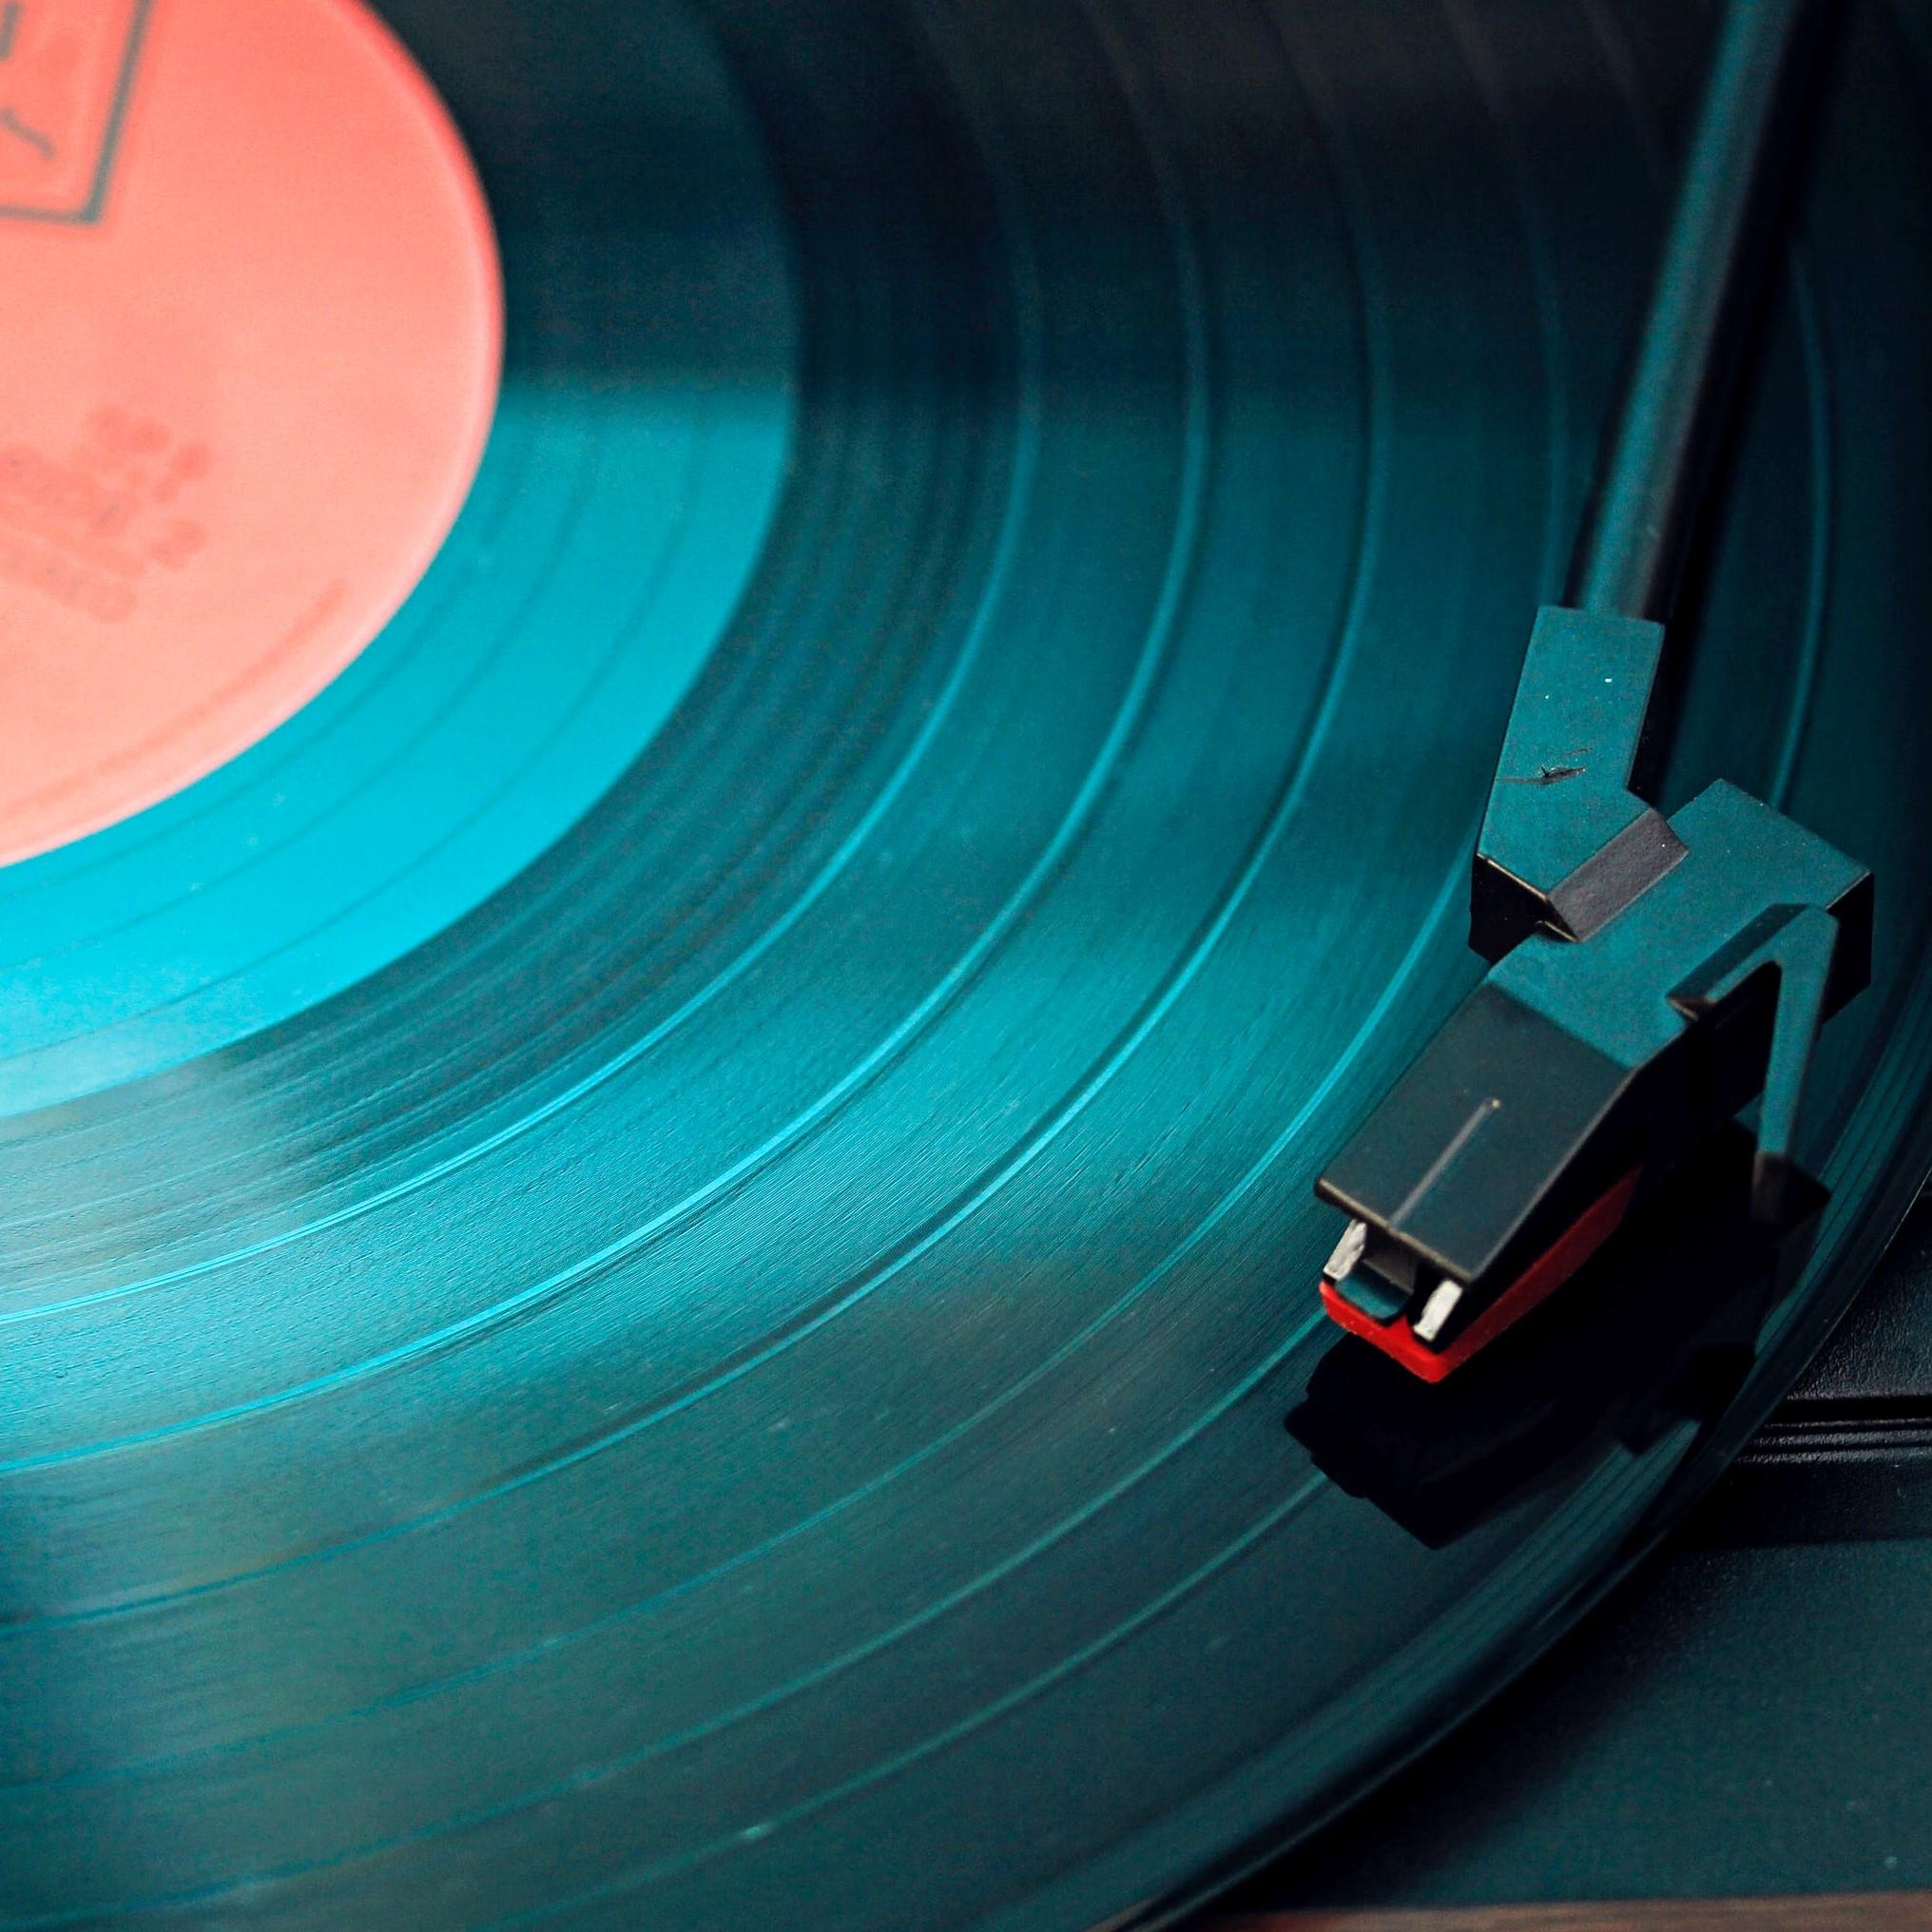 Studenci dowiadują się, komu przysługują prawa autorskie i prawa do nich podobne, tzn. prawa artystów, którzy wykonują własne lub cudze utwory, np. piosenki czy muzykę.